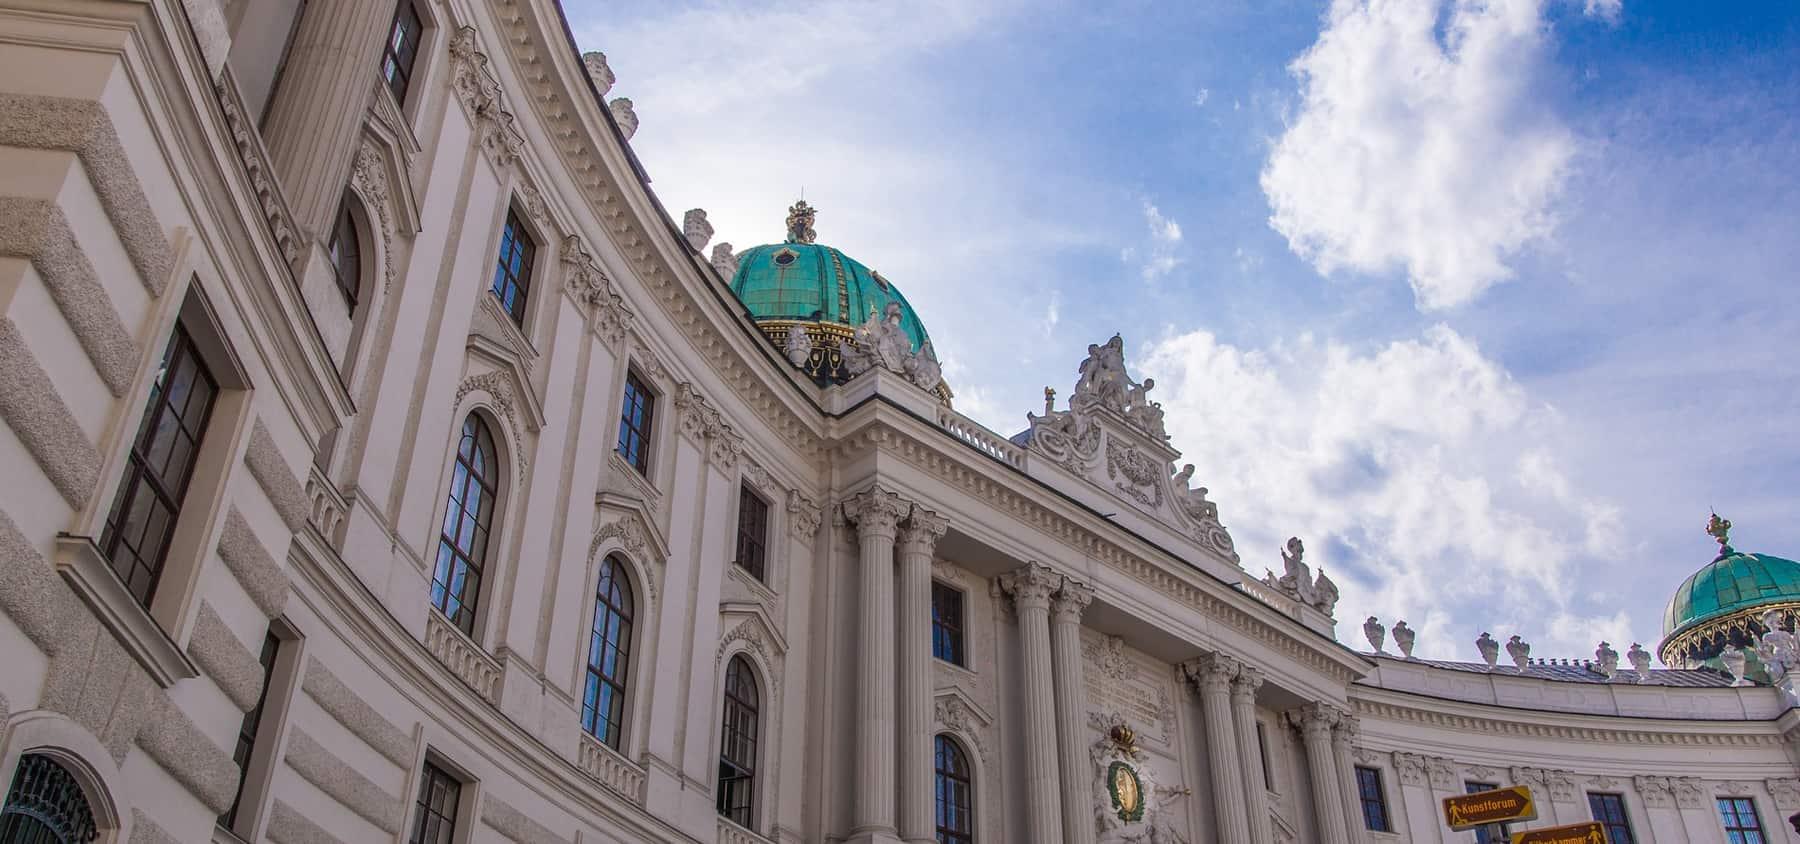 immagine per Tour 2 - Le capitali Imperiali dell'Europa centrale, da Vienna